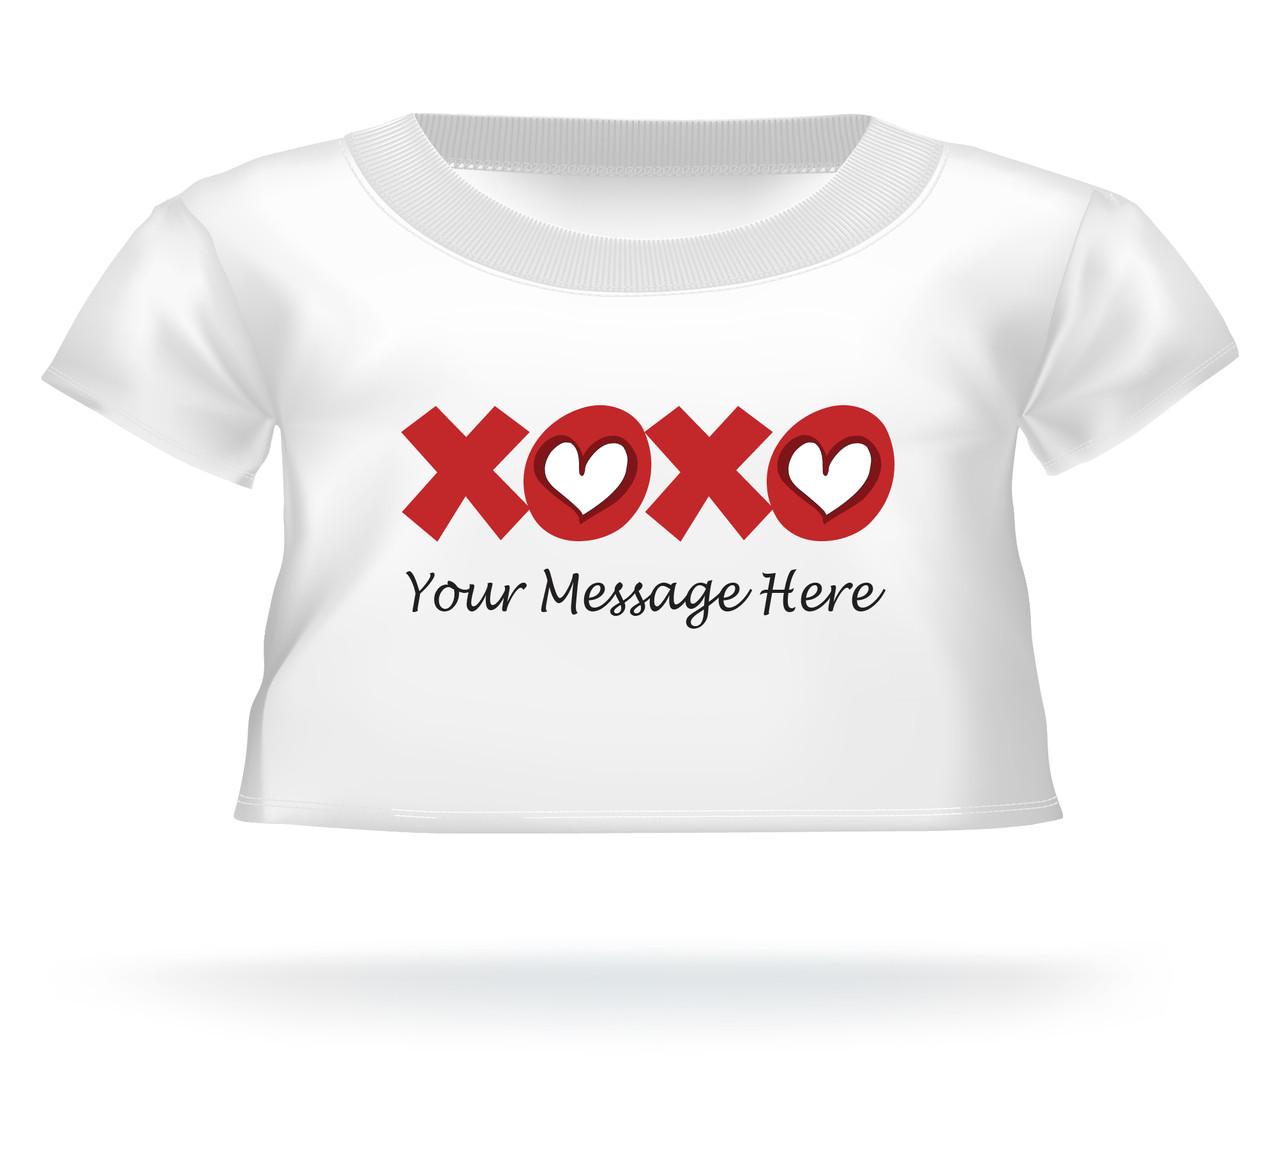 Giant Teddy XOXO personalized Tshirt